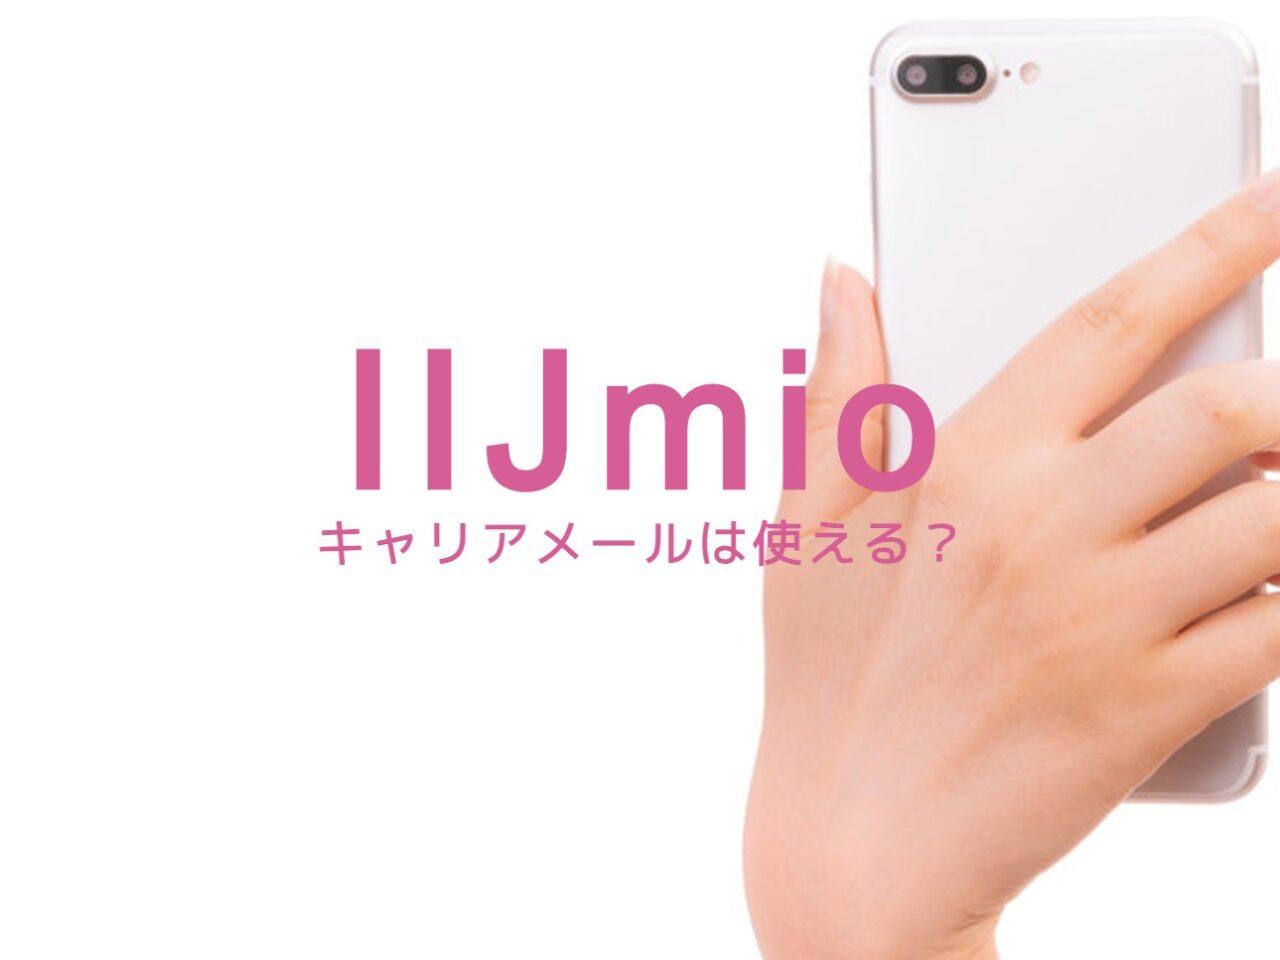 IIJmioでメールアドレス(キャリアメール)は使える?対応している?のサムネイル画像